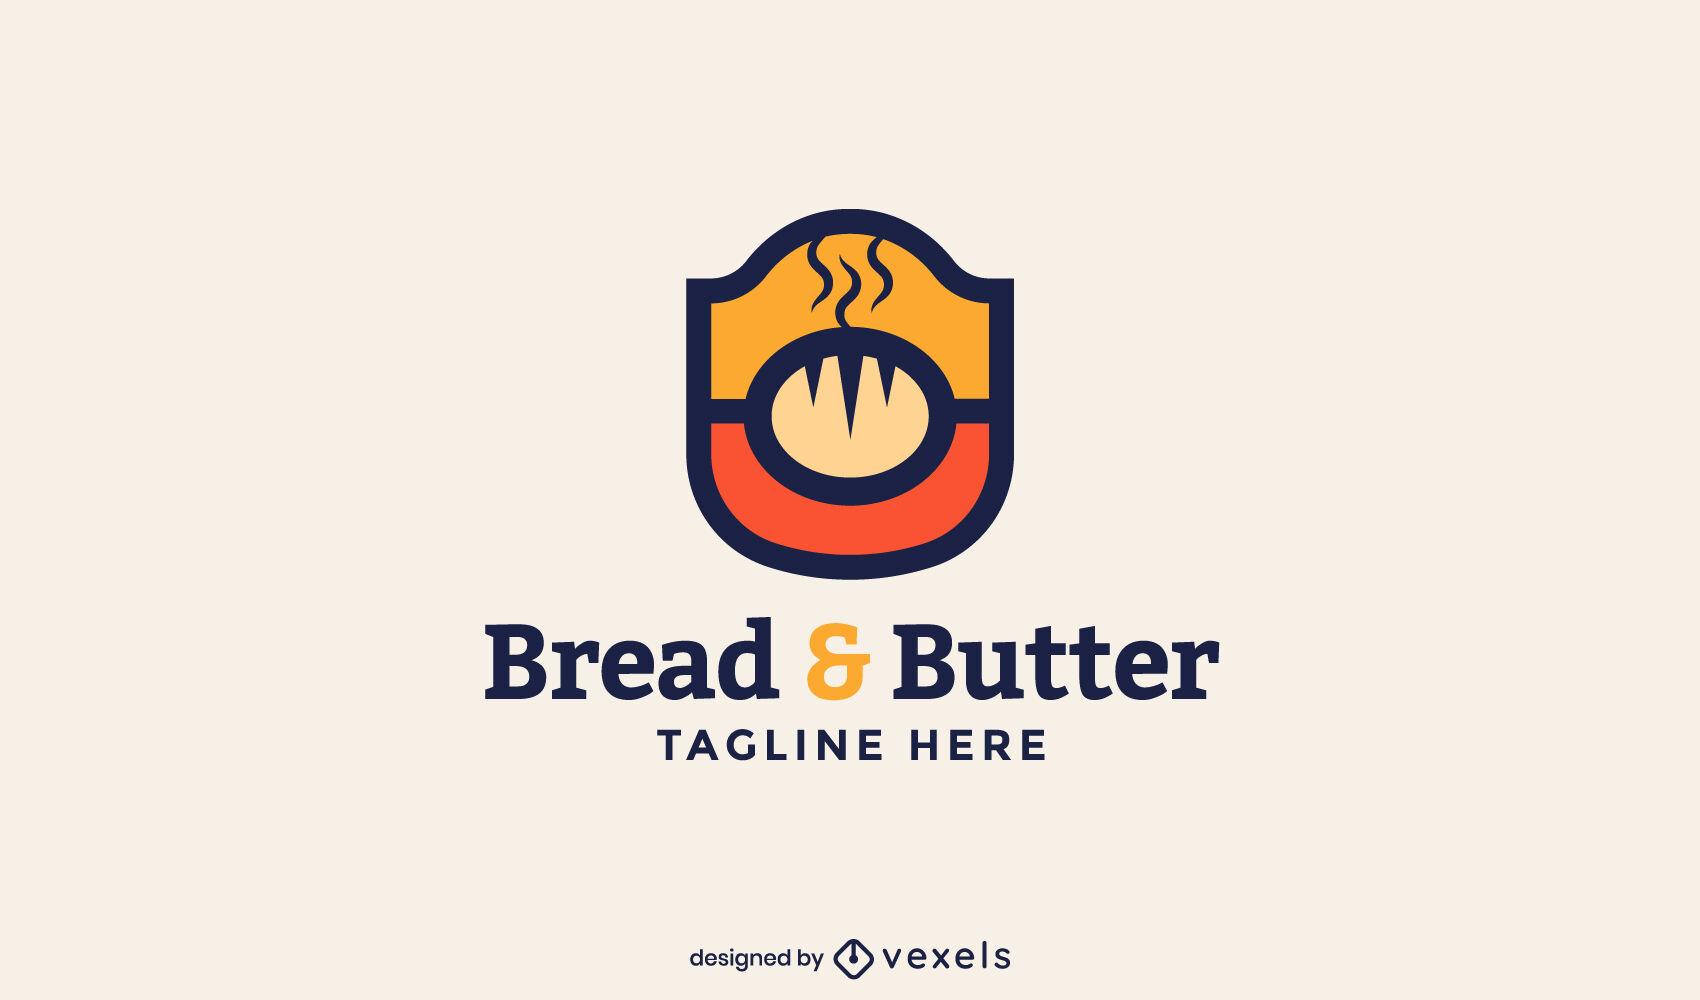 Kit de marca completo con logotipo de panadería de pan